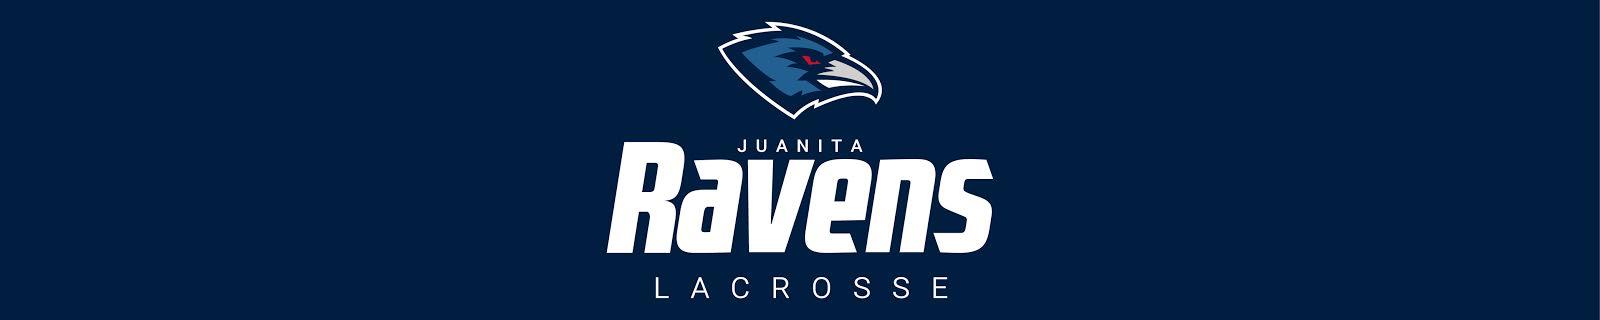 Juanita Lacrosse, Lacrosse, Goal, Field